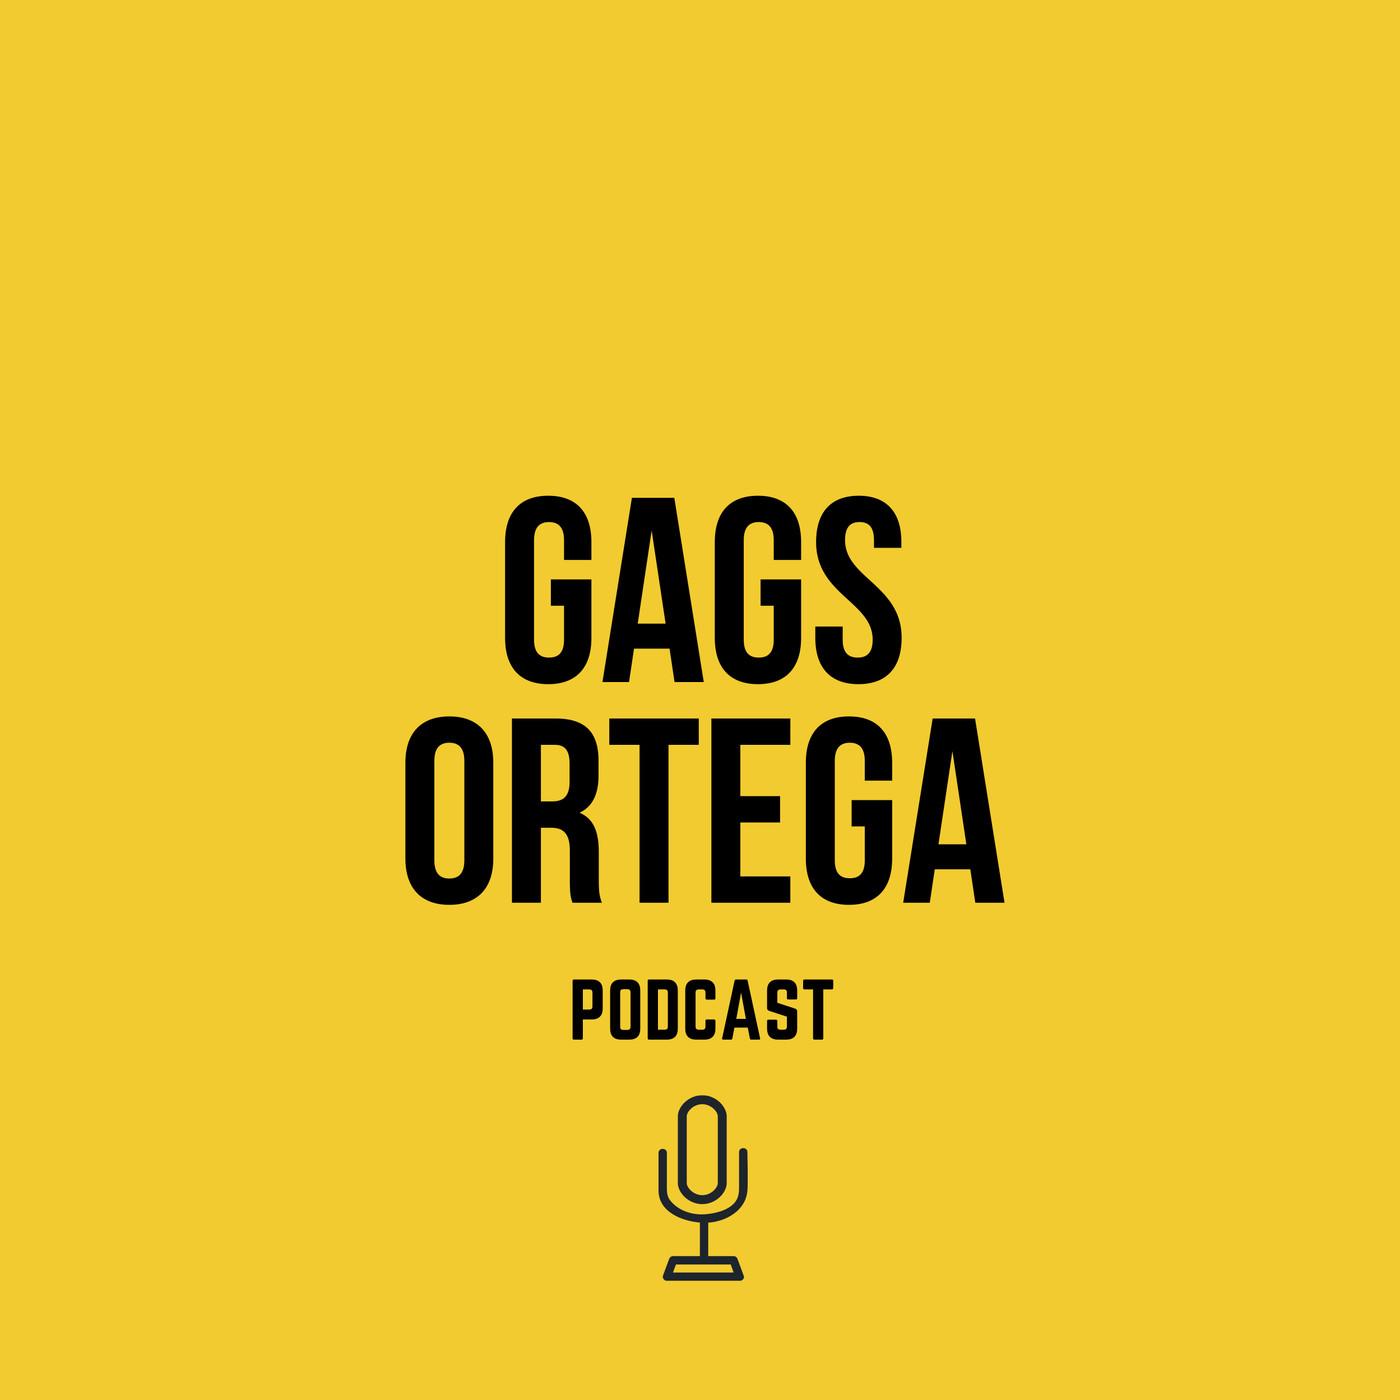 Canciones para Juanjo en Spotify. Gag Ortega 01.05.2013